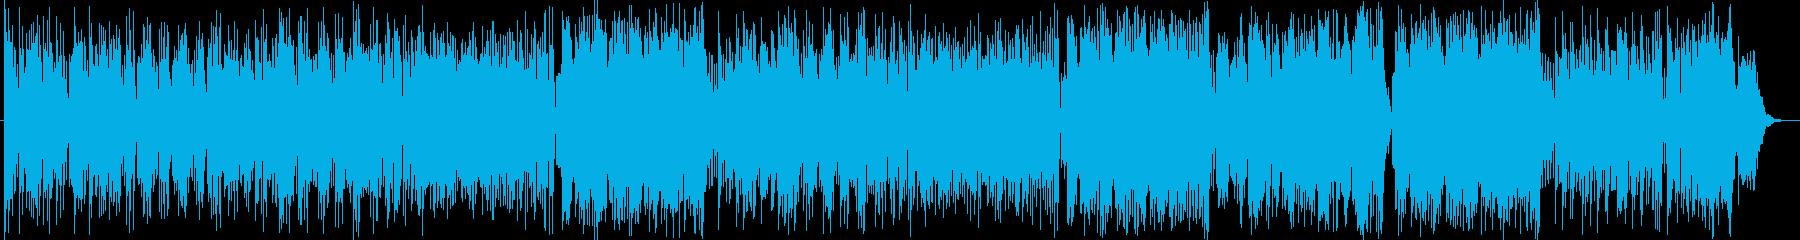 パフュームっぽいダンス曲の再生済みの波形